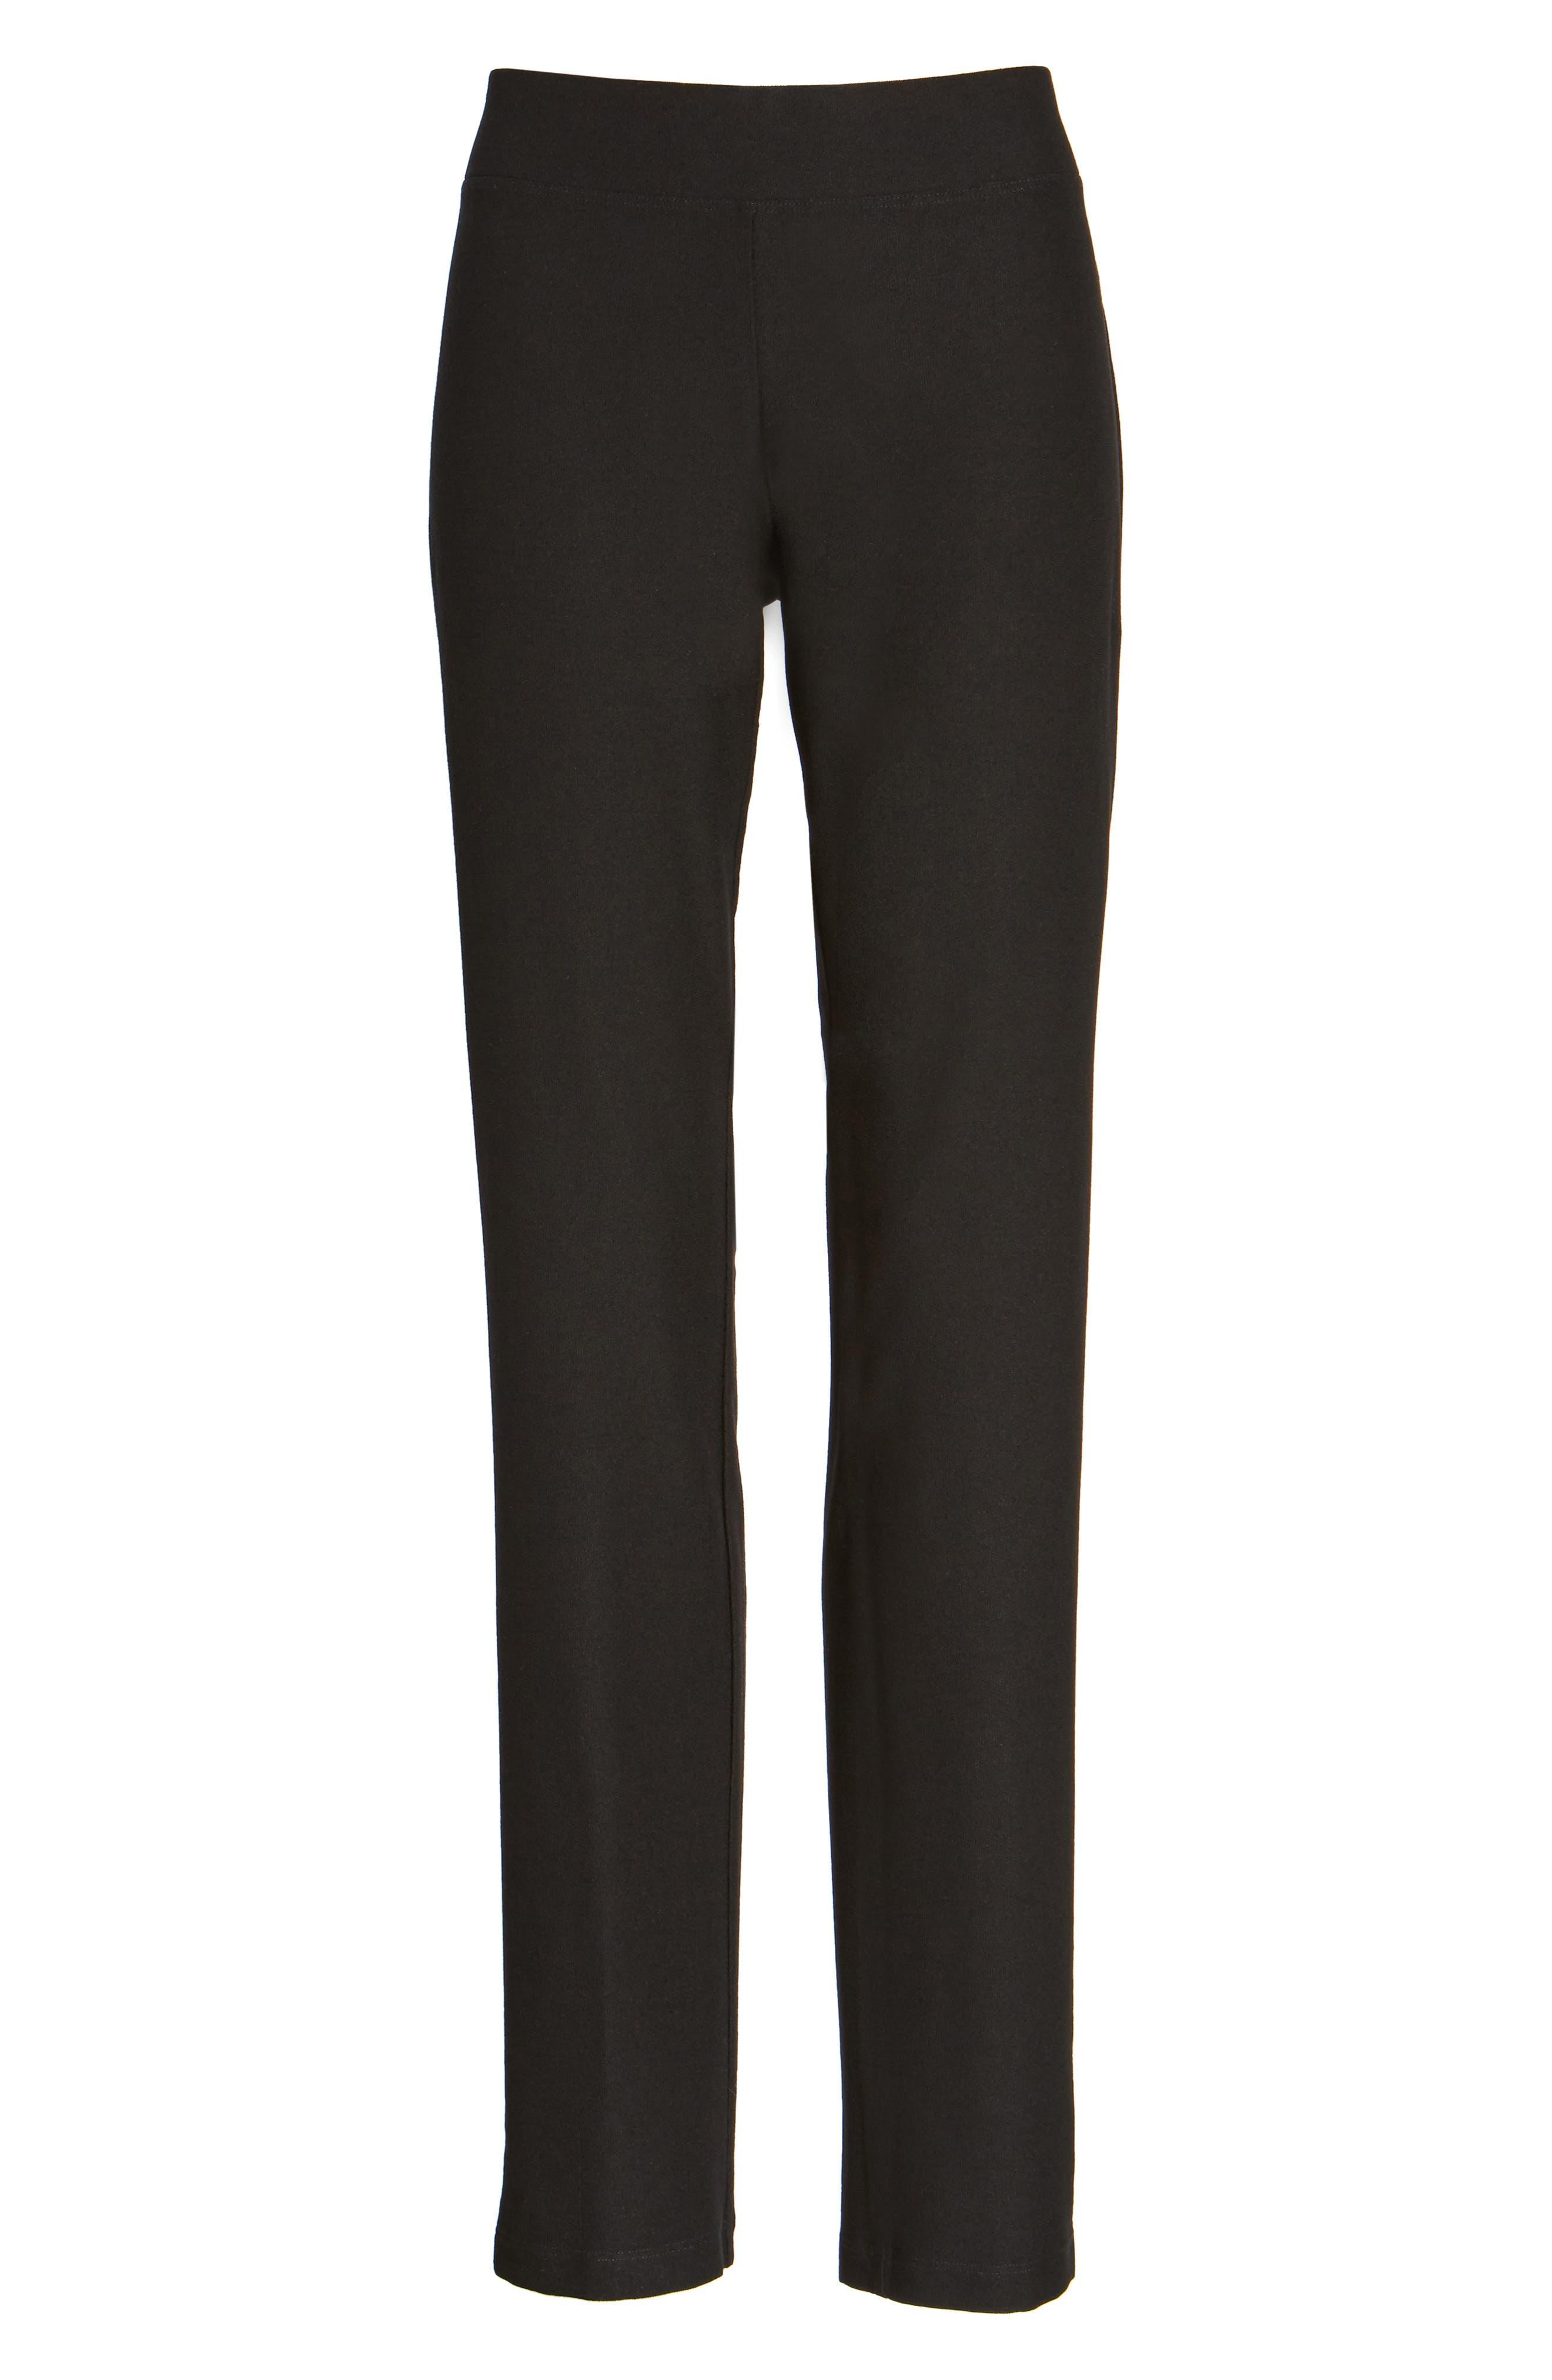 Straight Yoke Slim Crepe Knit Pants,                             Alternate thumbnail 4, color,                             Black